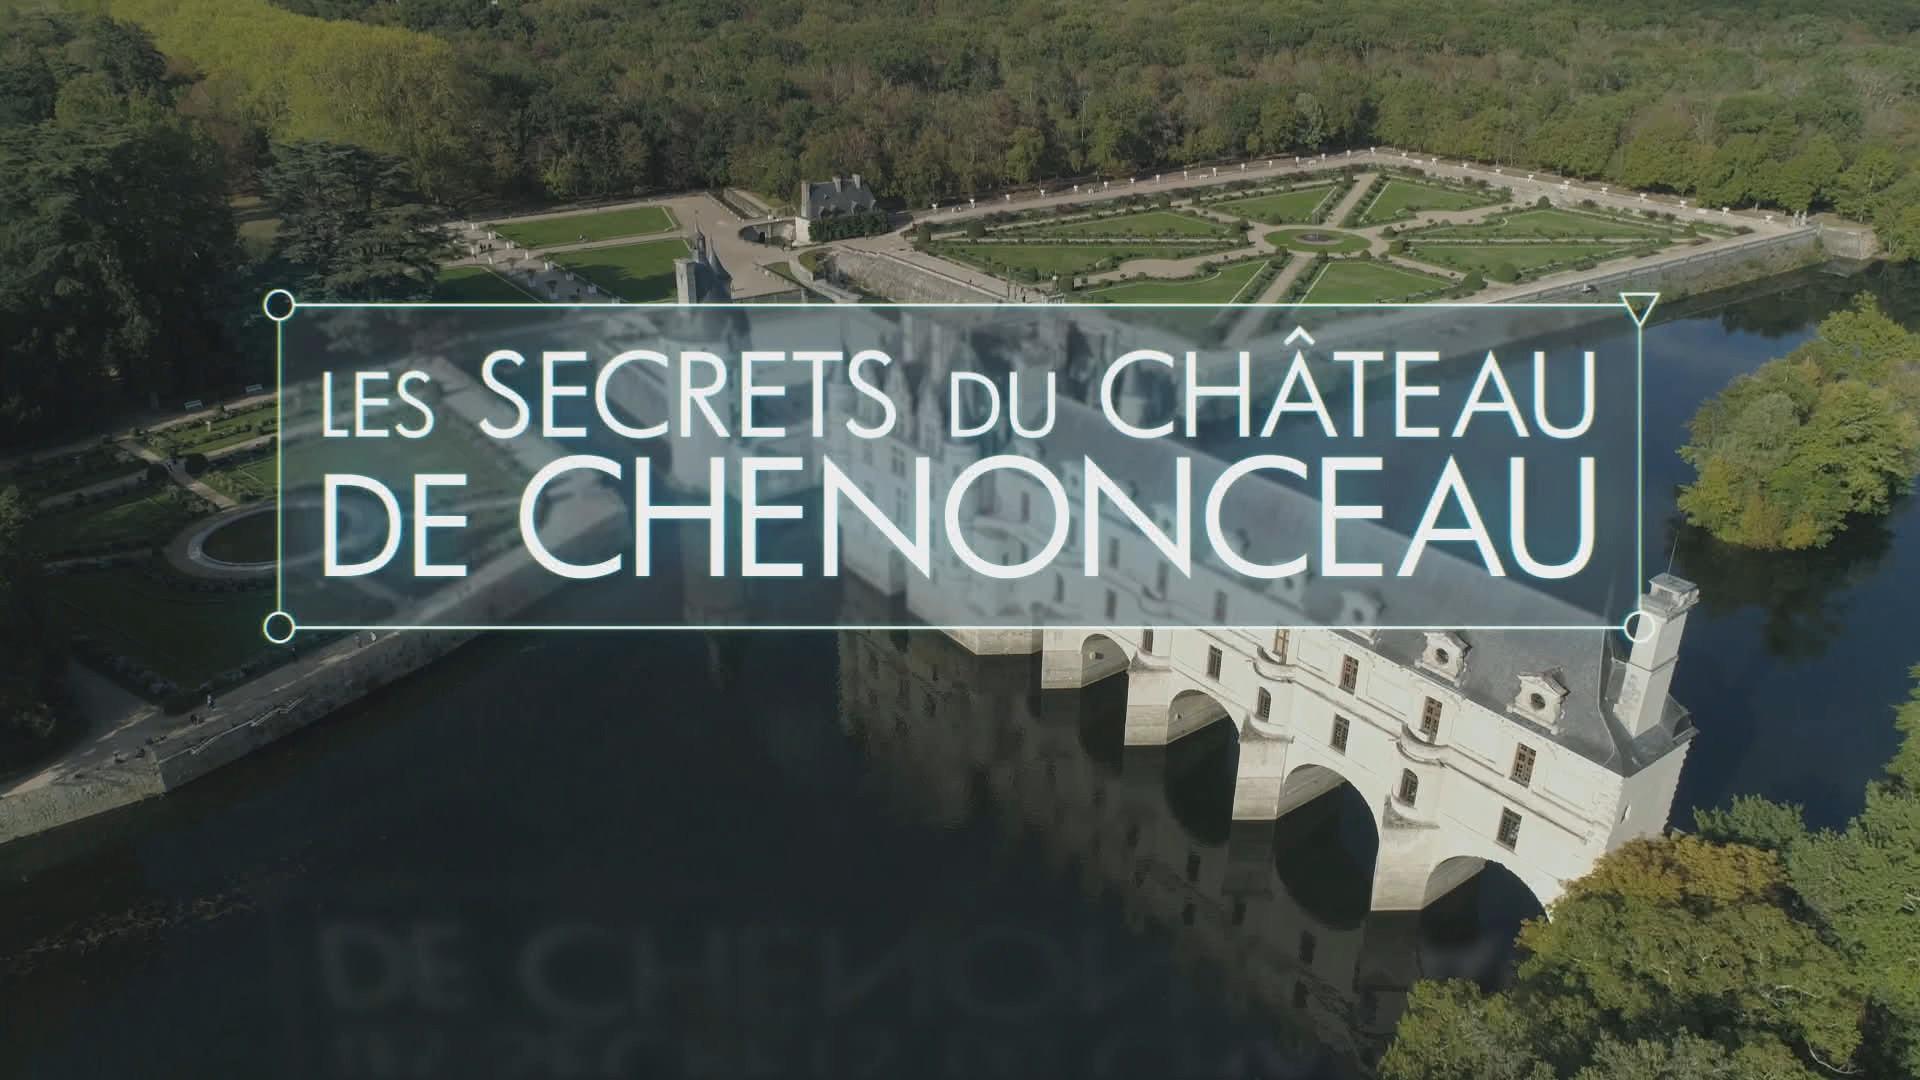 Les Secrets du Château de Chenonceau • 2020 (52 min)